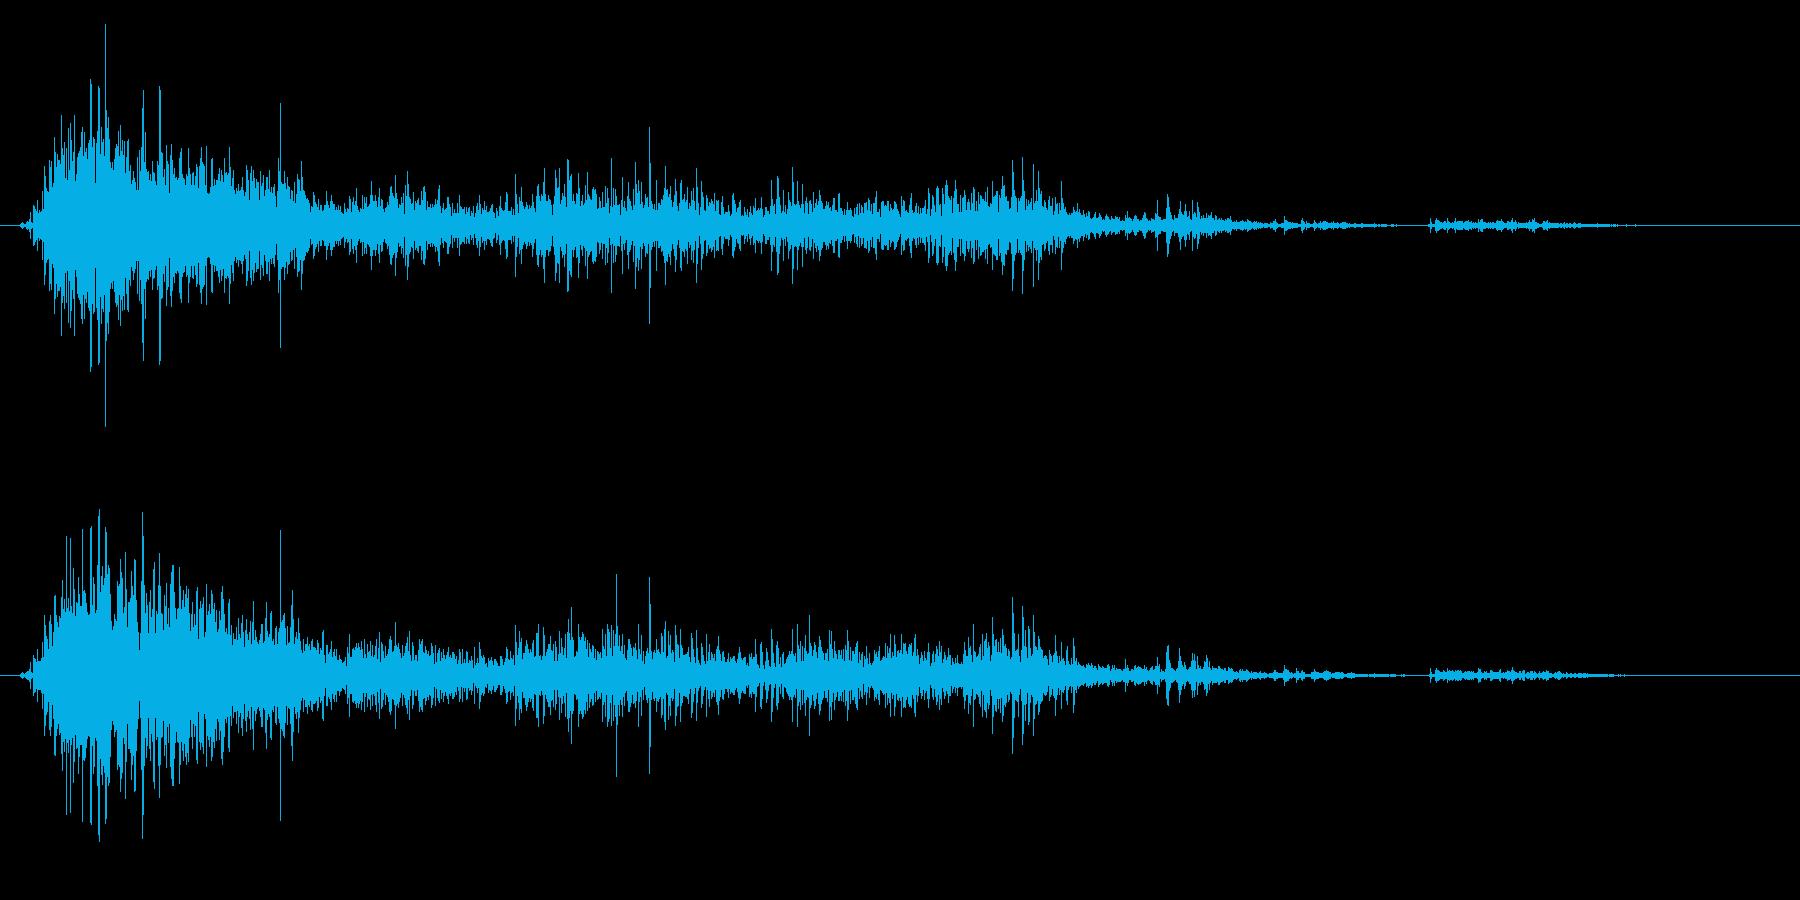 ゾンビやモンスターの叫び声/唸り声21cの再生済みの波形